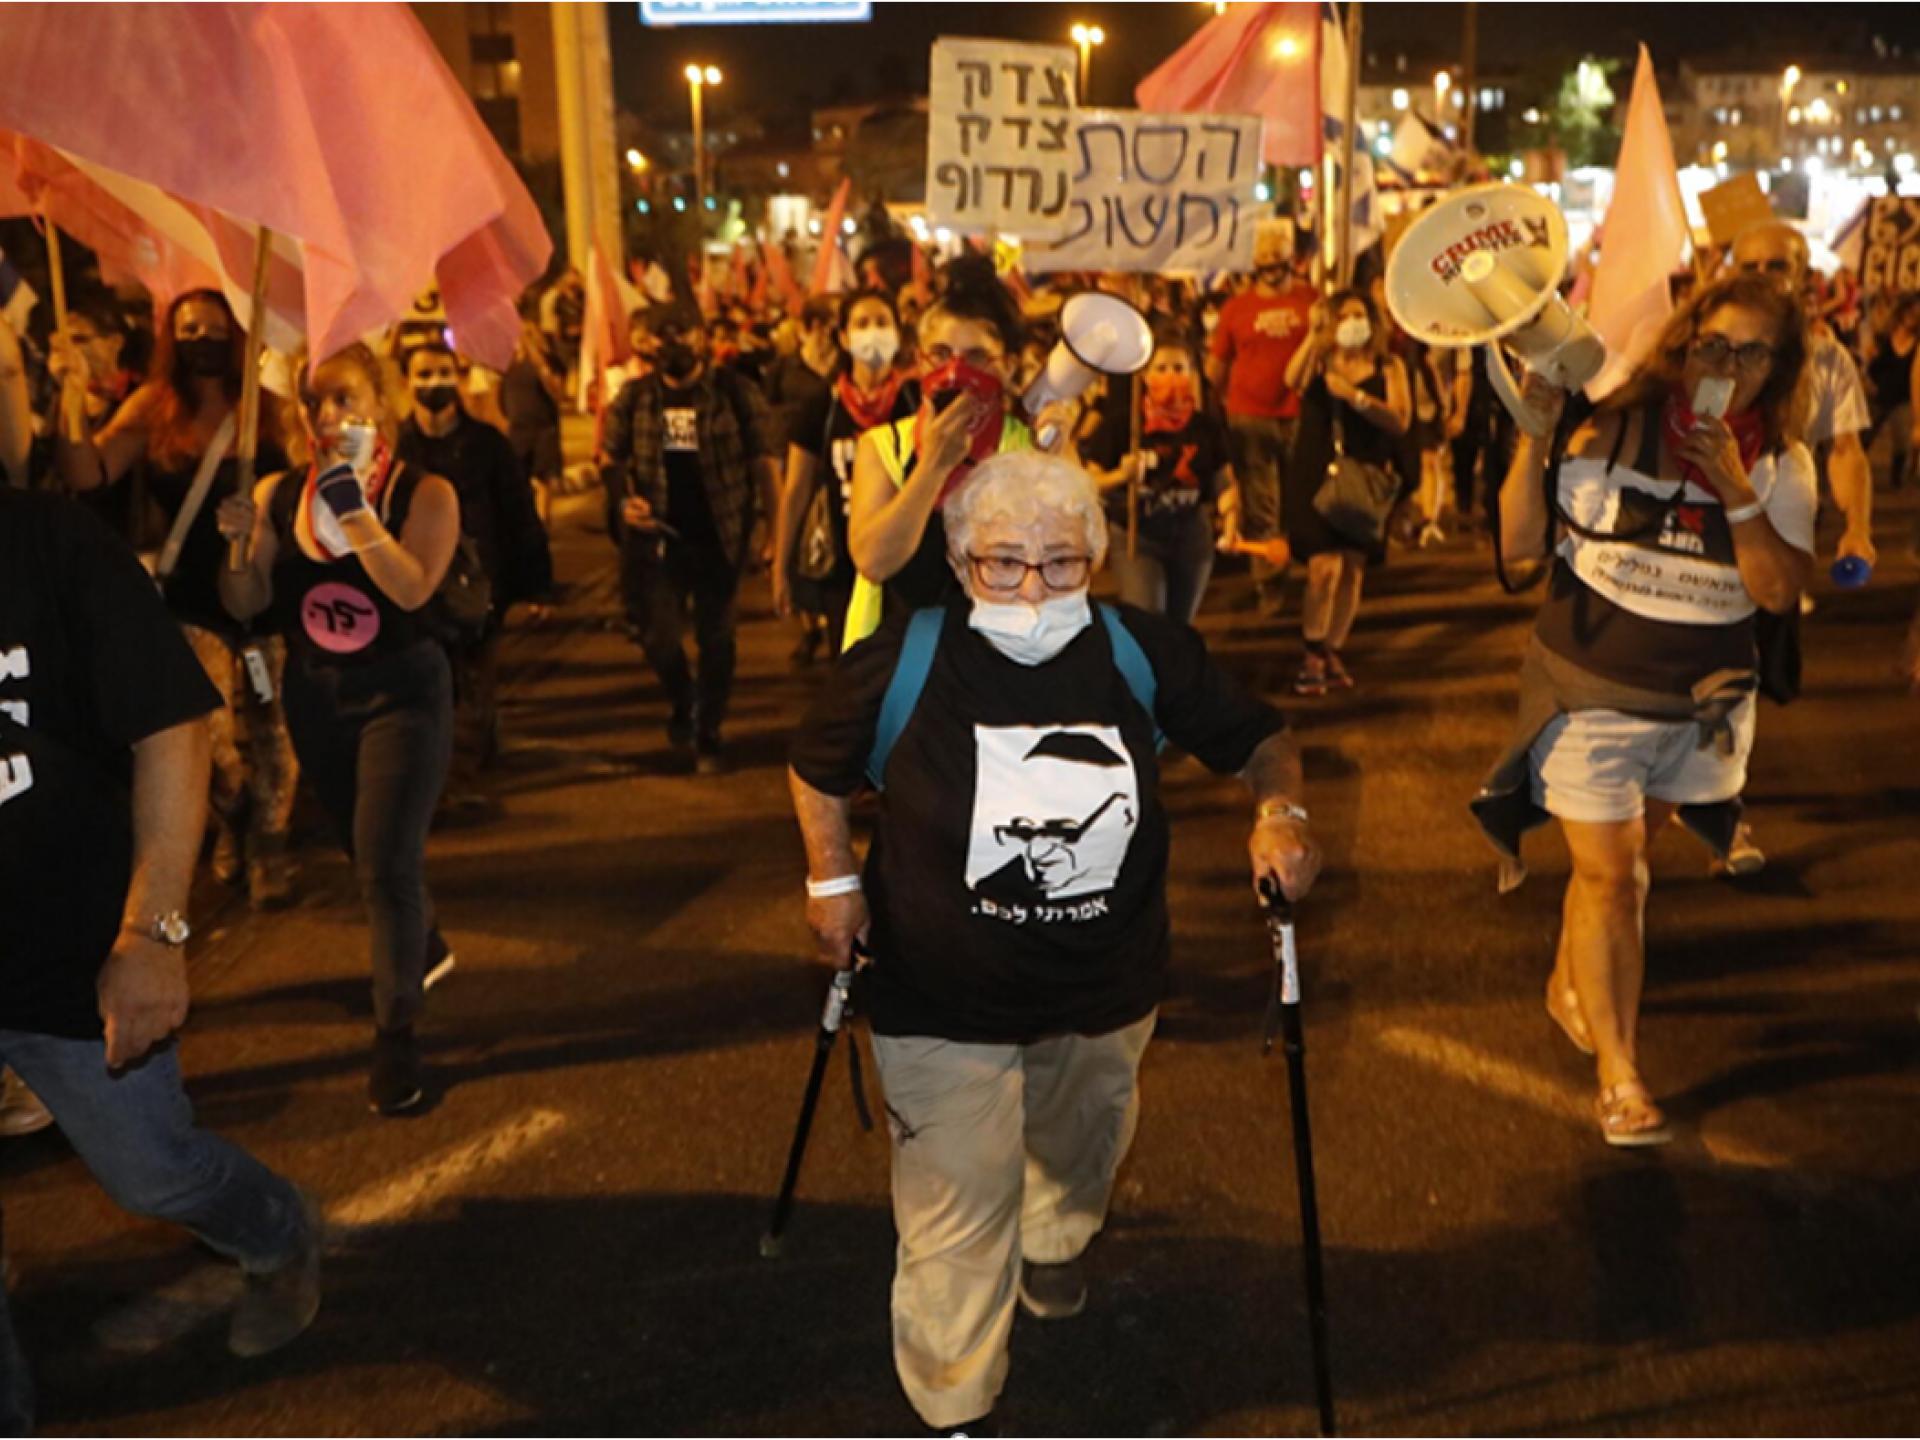 אישה מבוגרת עם מקלות הליכה מפינה עם קבוצת צעירים